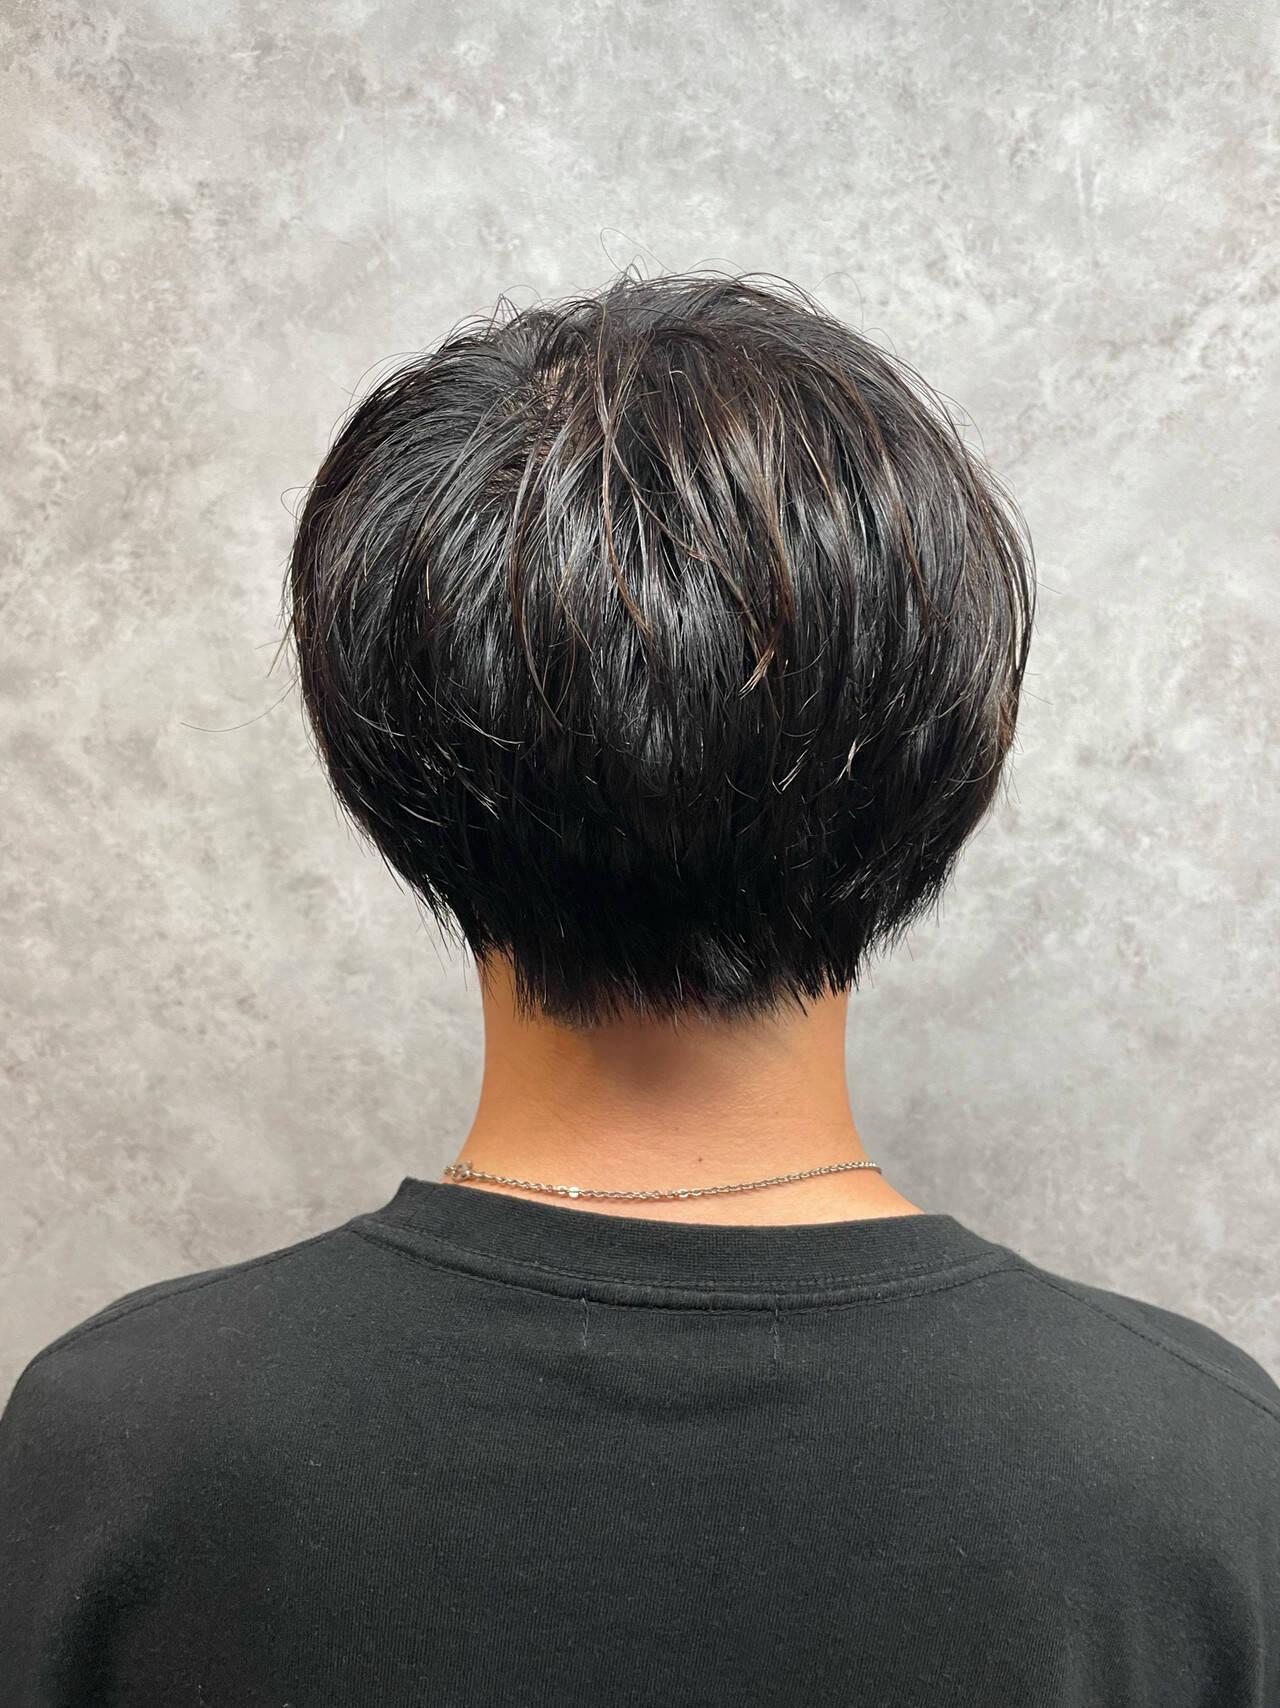 メンズカット メンズパーマ ナチュラル ショートヘアスタイルや髪型の写真・画像